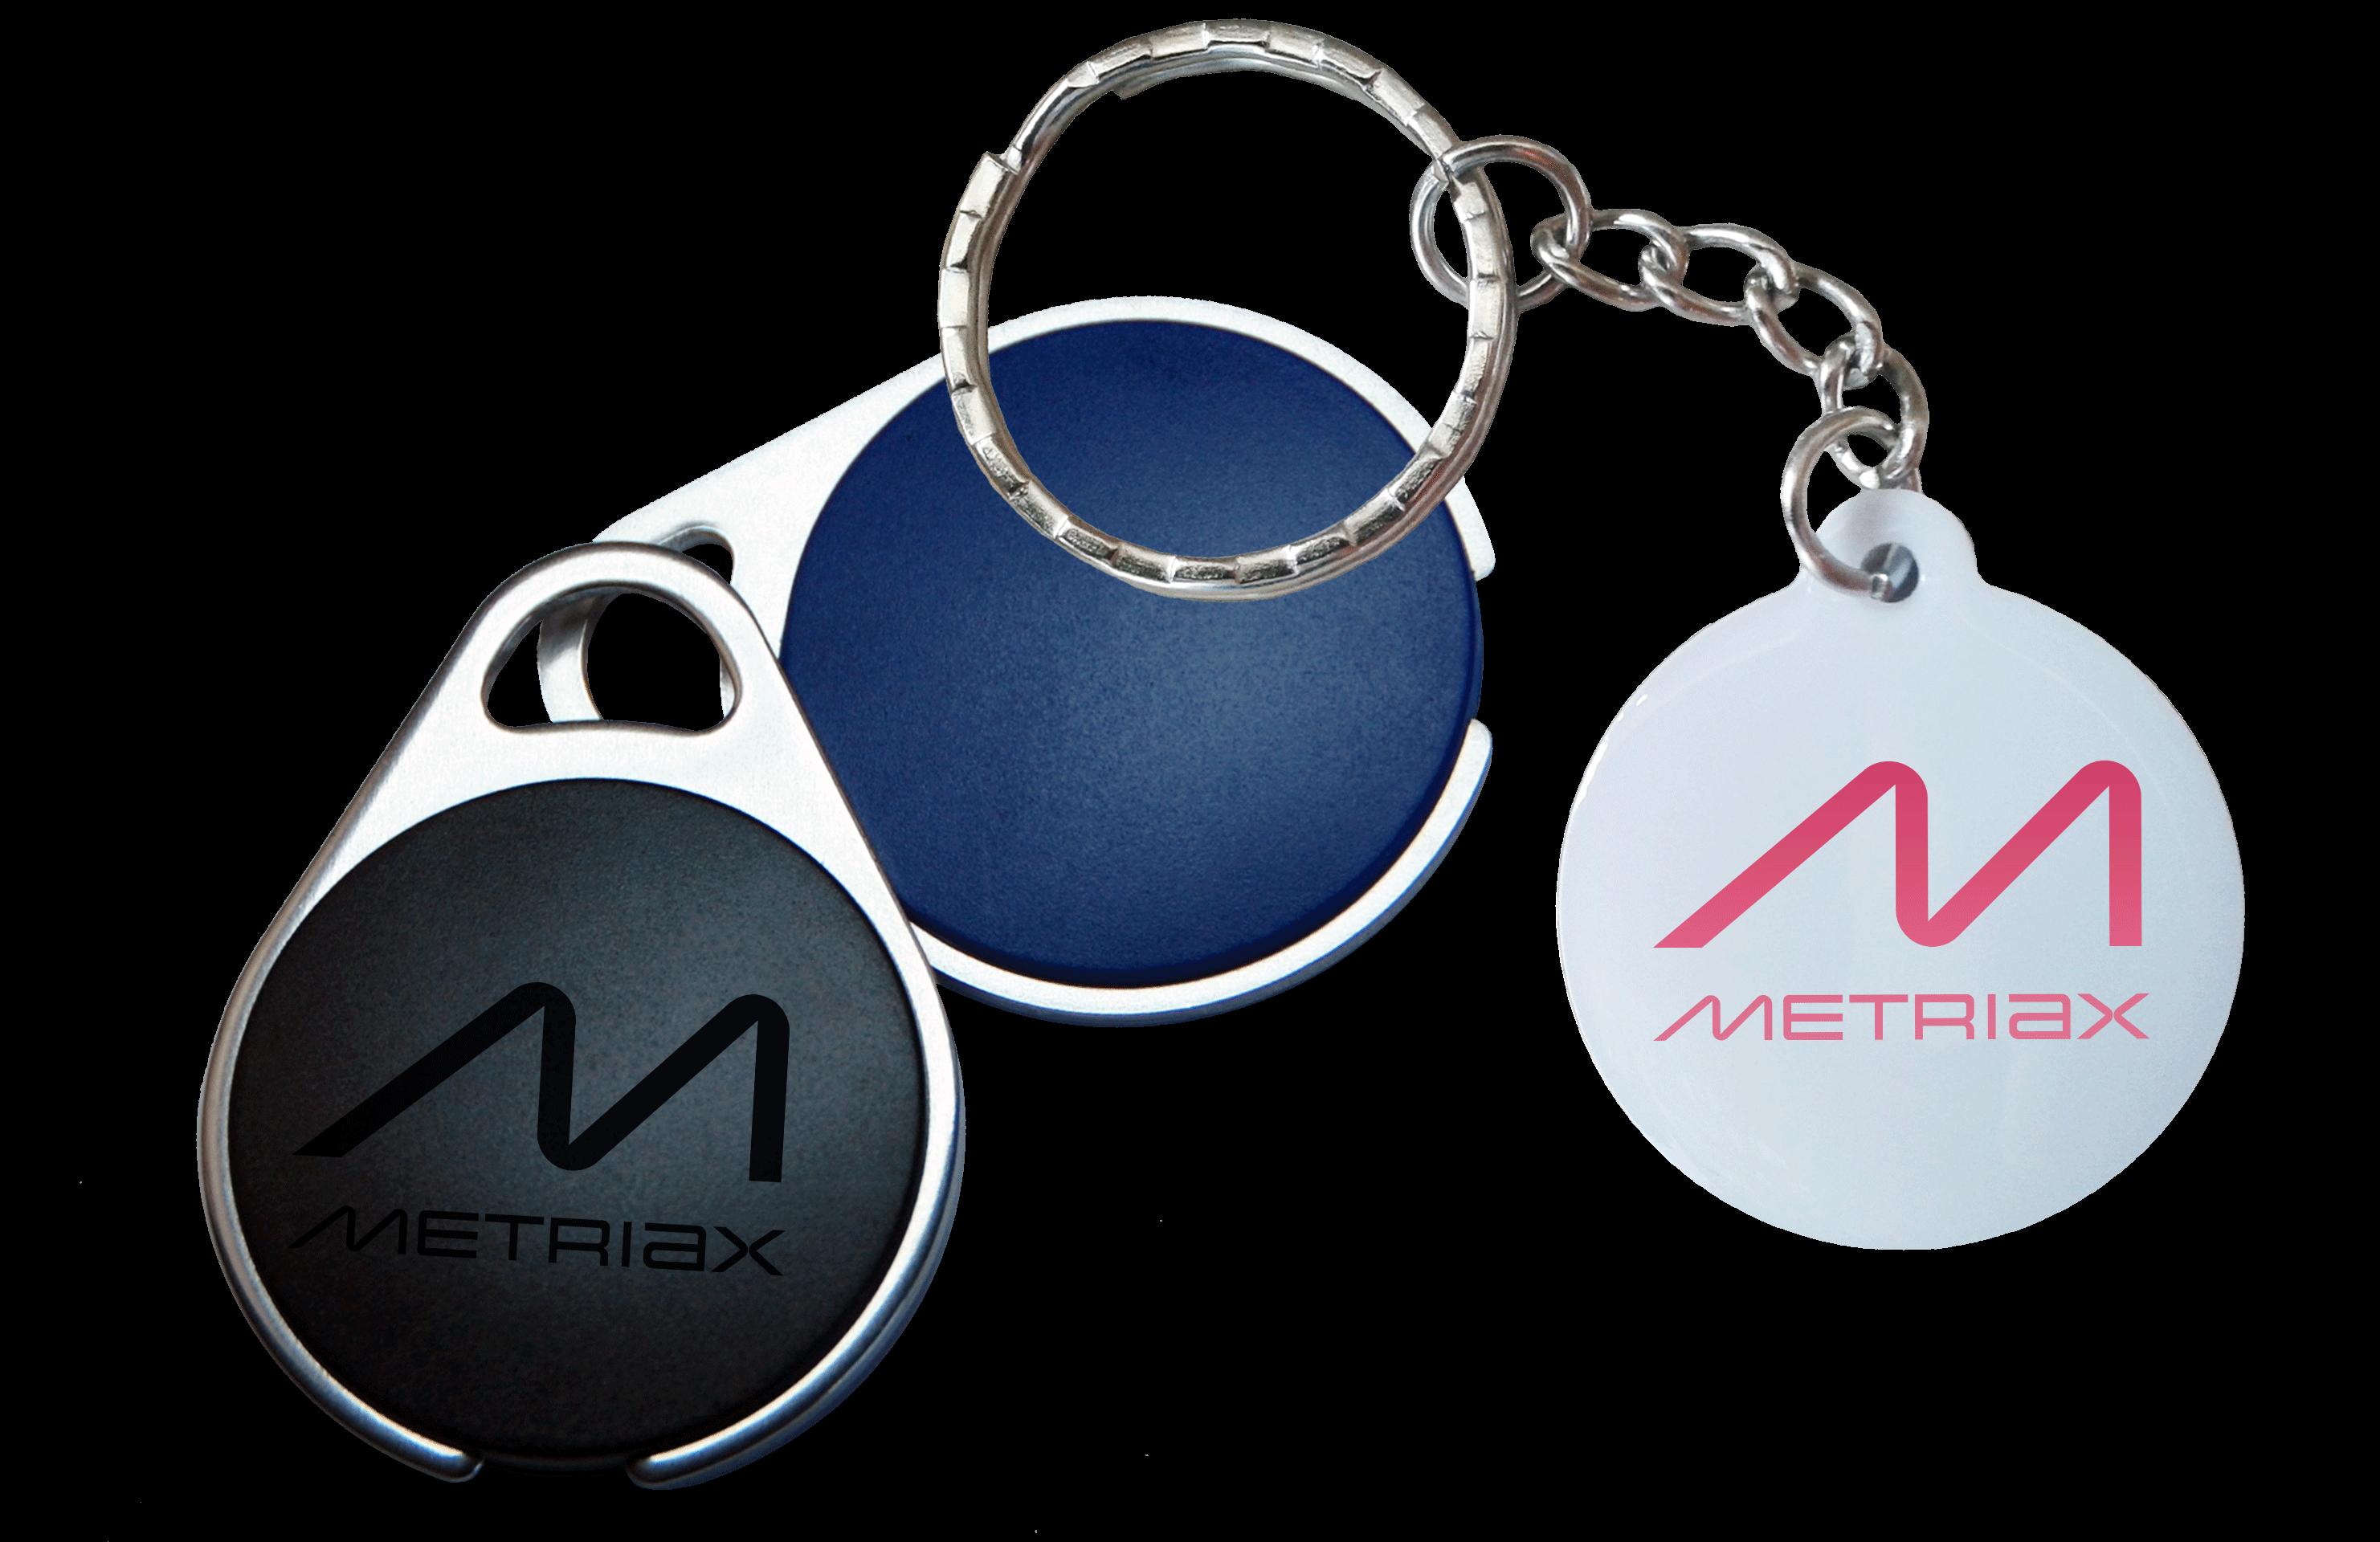 Metriax-RFID NFC-Keyfobs-Schlüsselanhänger-Epoxy-Metall-Ladesäule-Zutrittskontrolle-Zeiterfassung